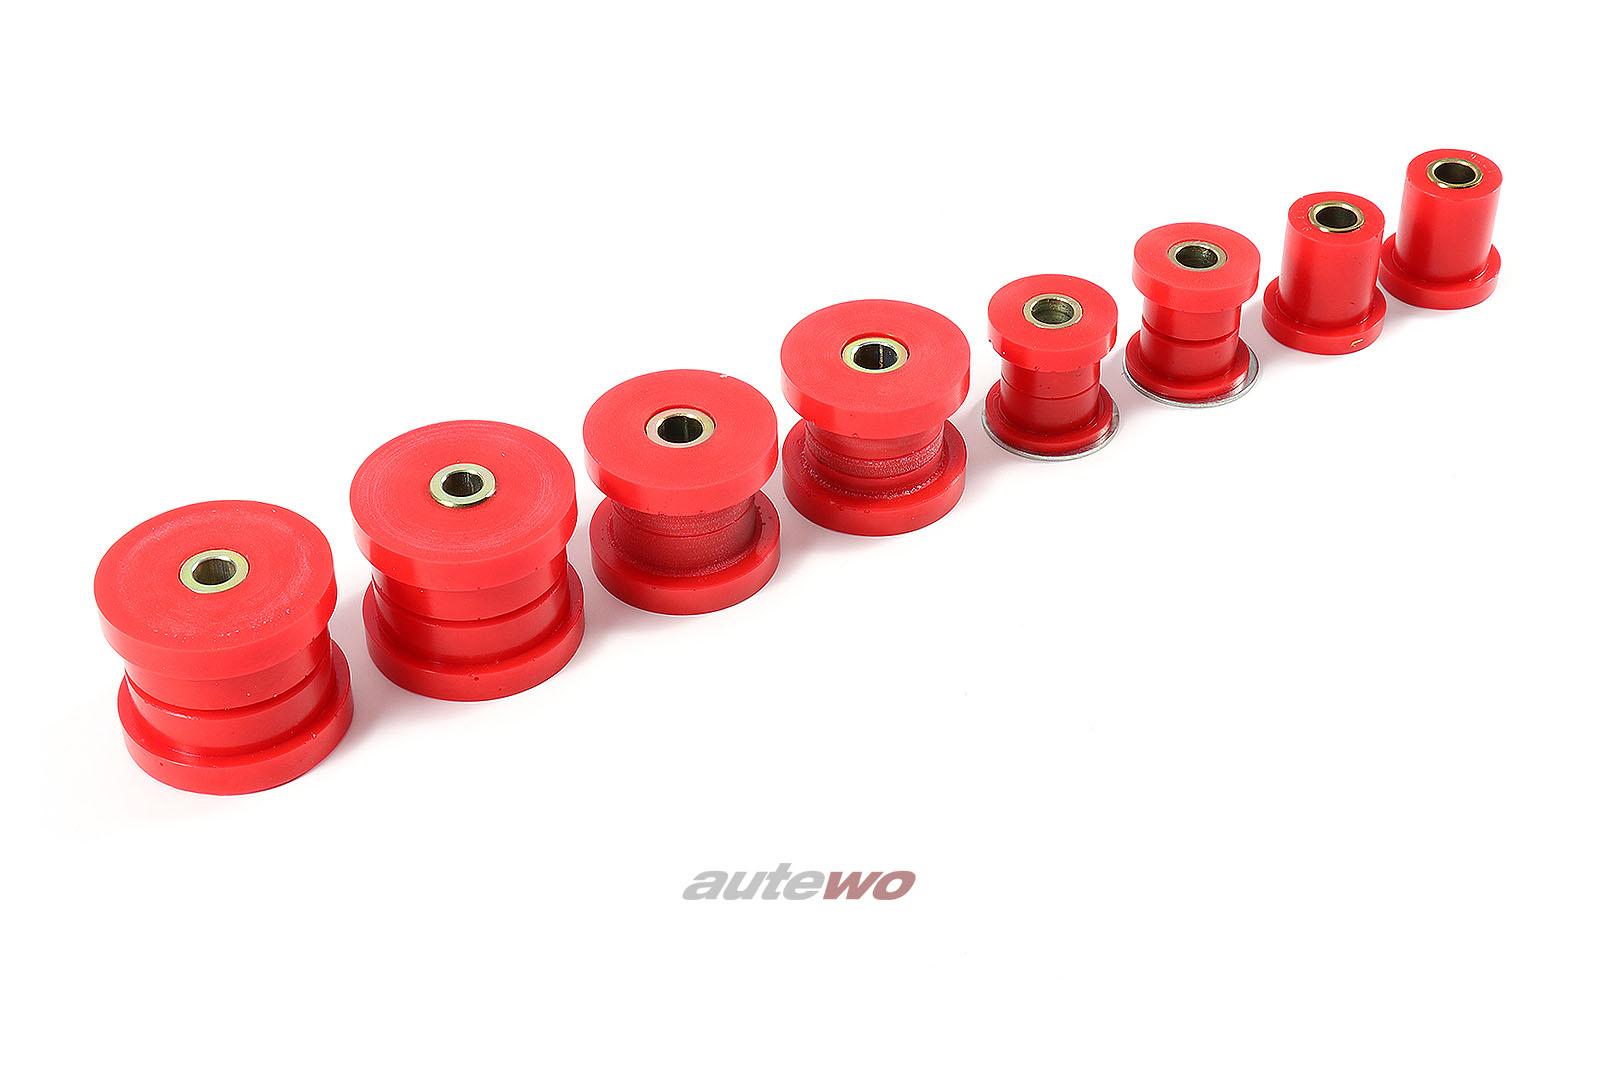 Audi 100/200 44/V8 D11 PU-Lager Querlenker hinten statt 443511247D/4A0511249/4D0511523C/443505171F